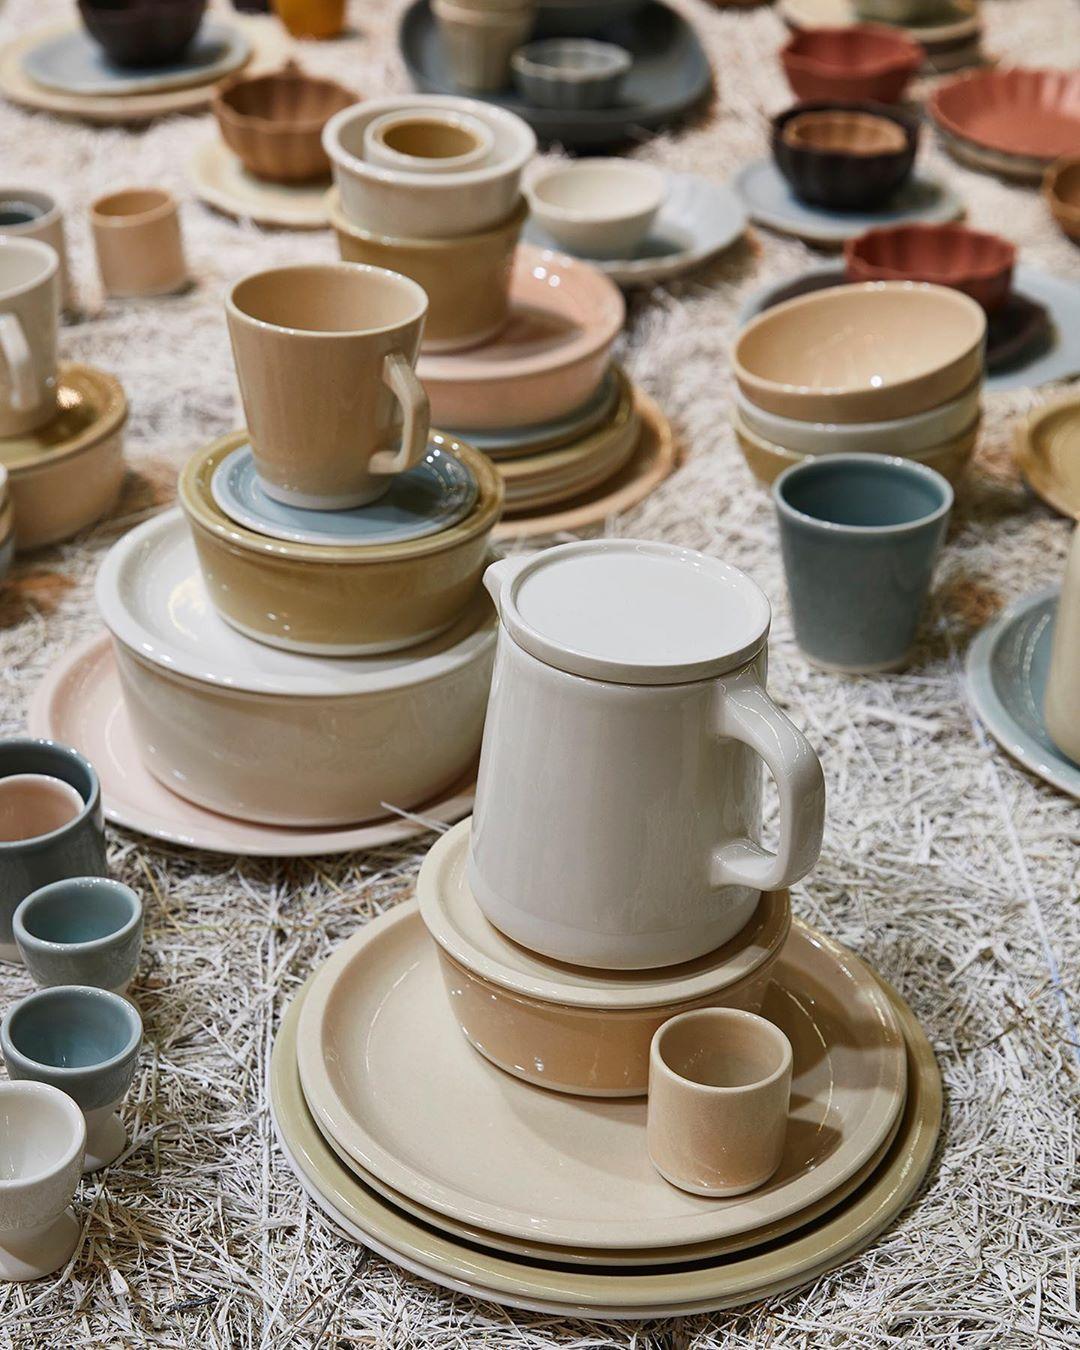 tendances déco 2020 table paille décoration champêtre assiette grès artisanat